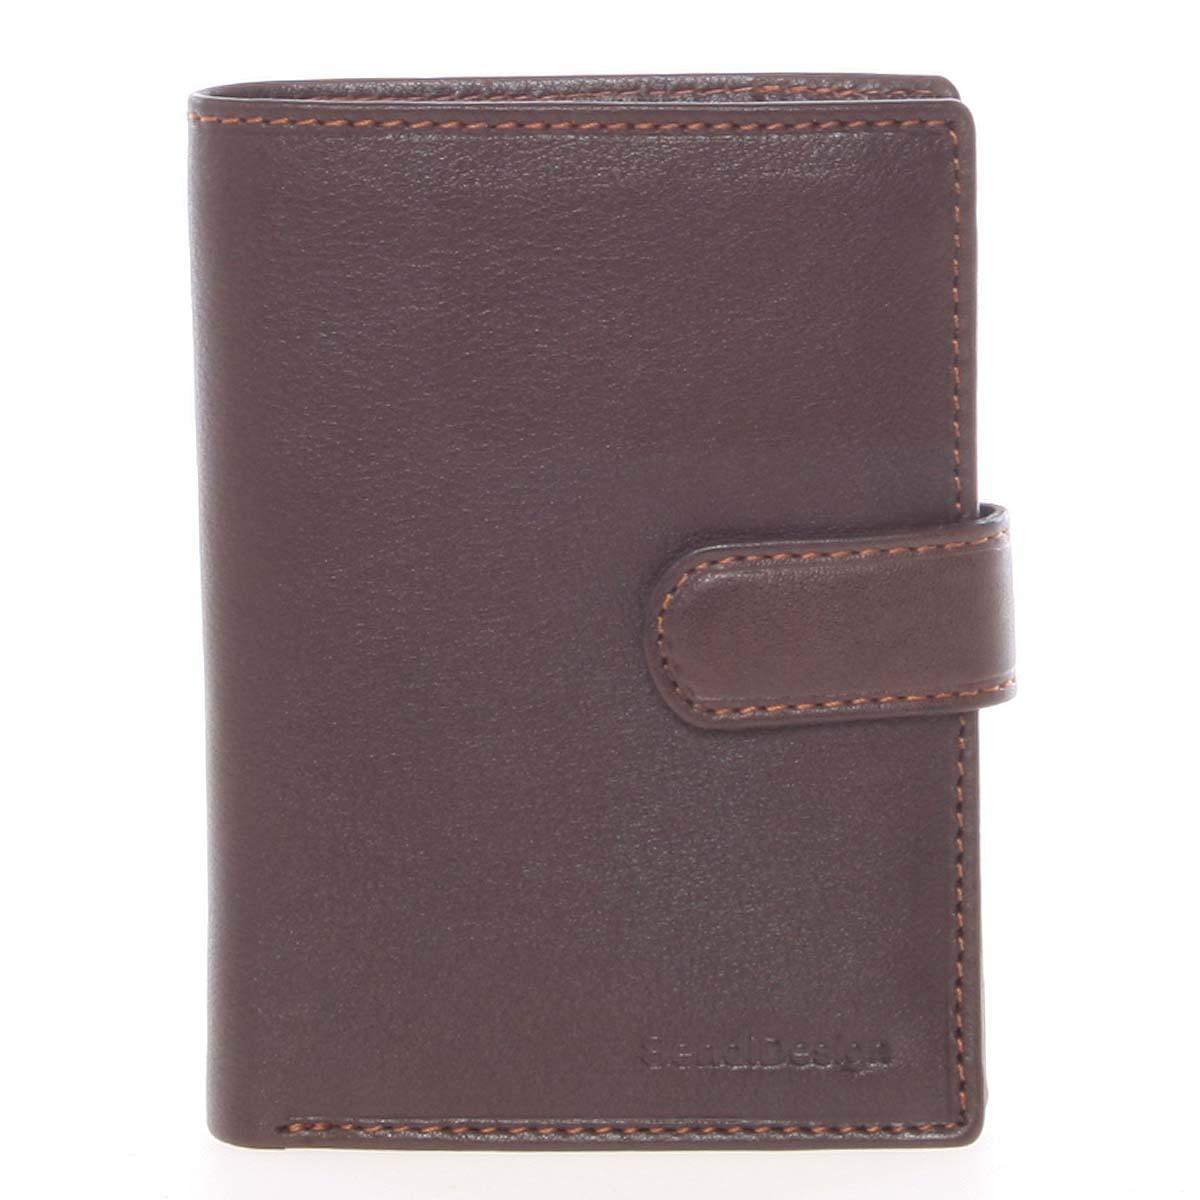 Hnědá pánská kožená peněženka - SendiDesign Sampson